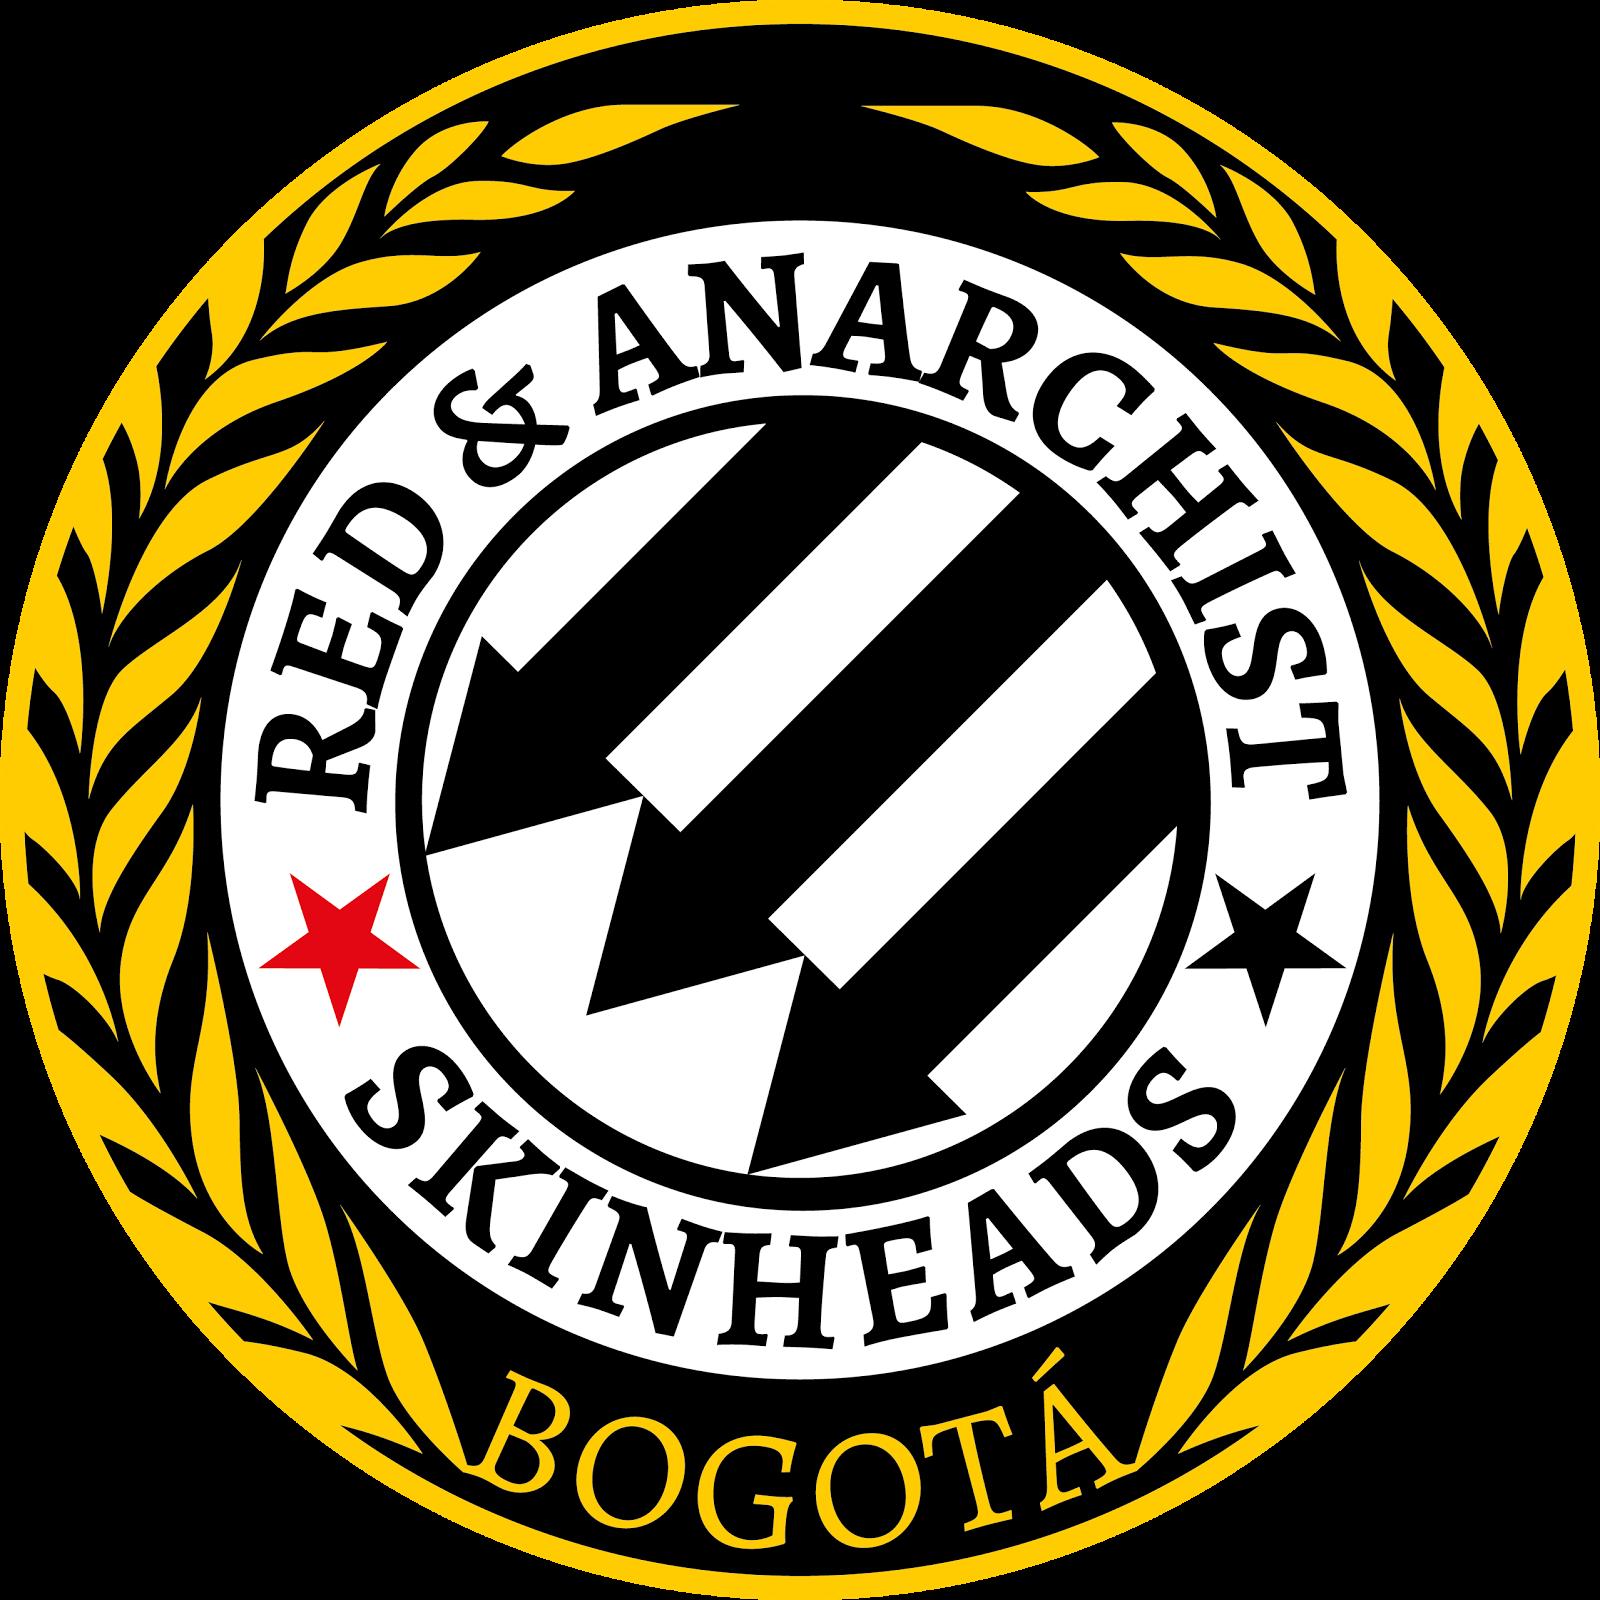 RASH BOGOTÁ